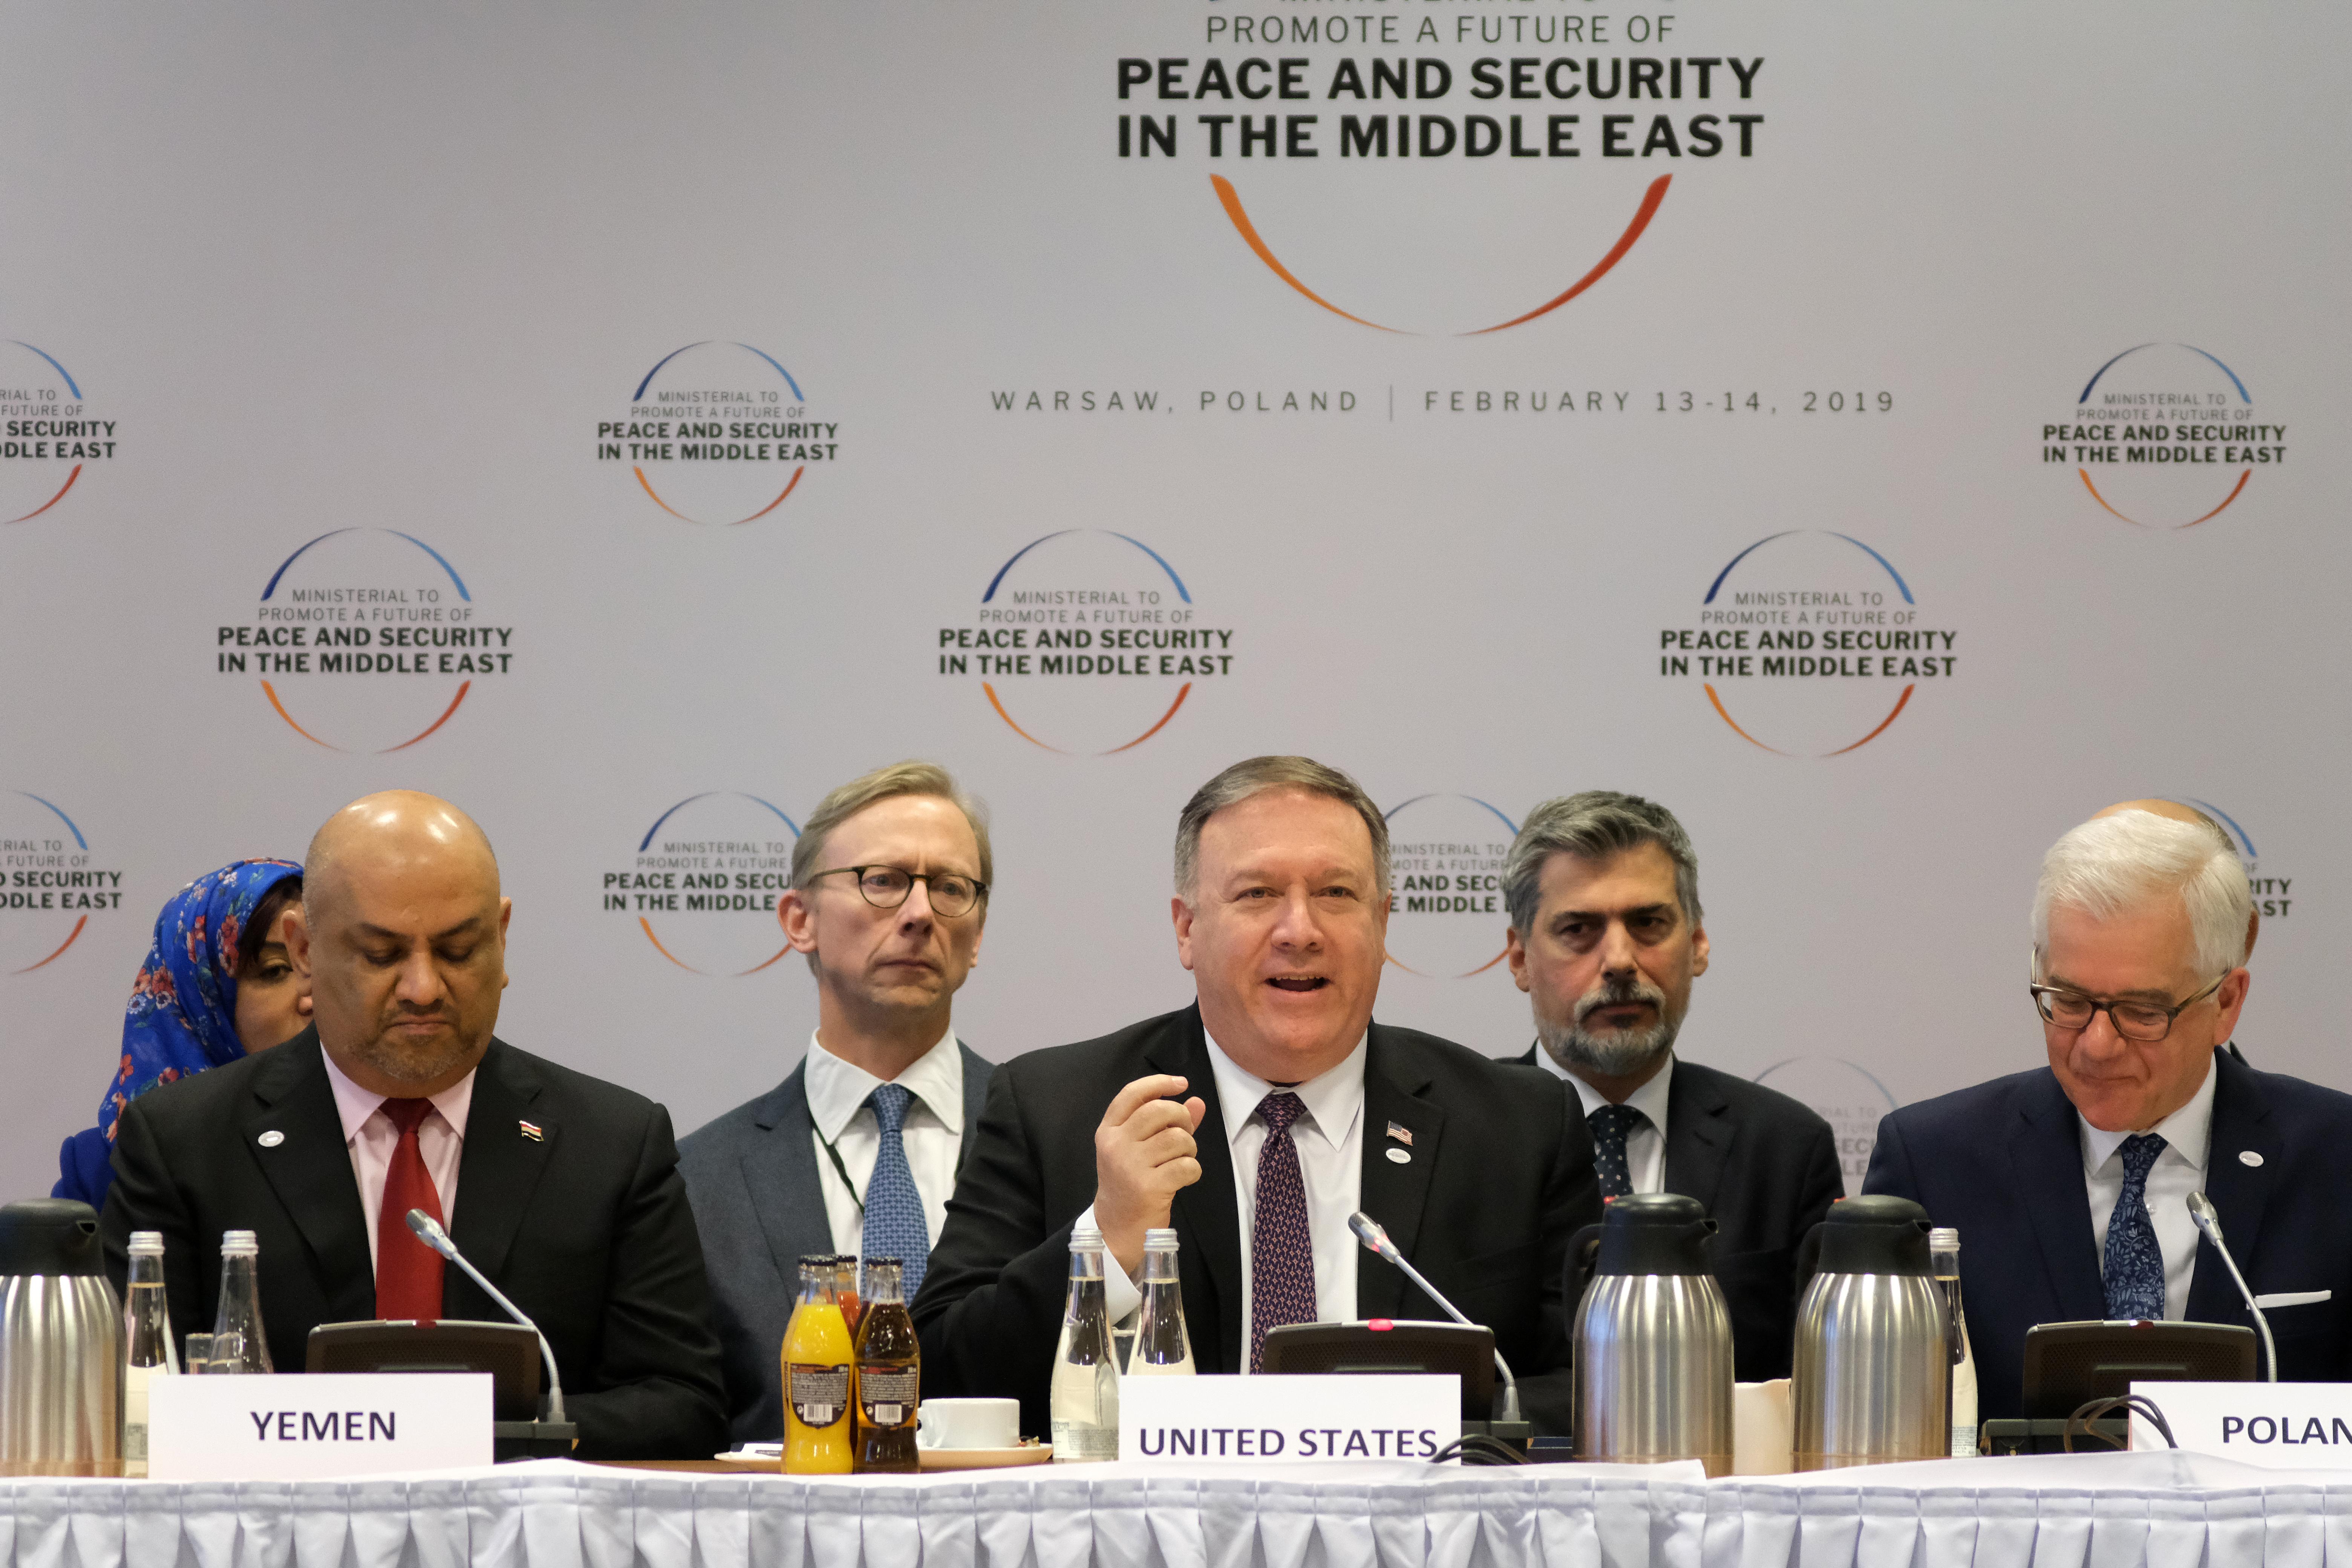 華沙會議 蓬佩奧呼籲建立中東合作新時代